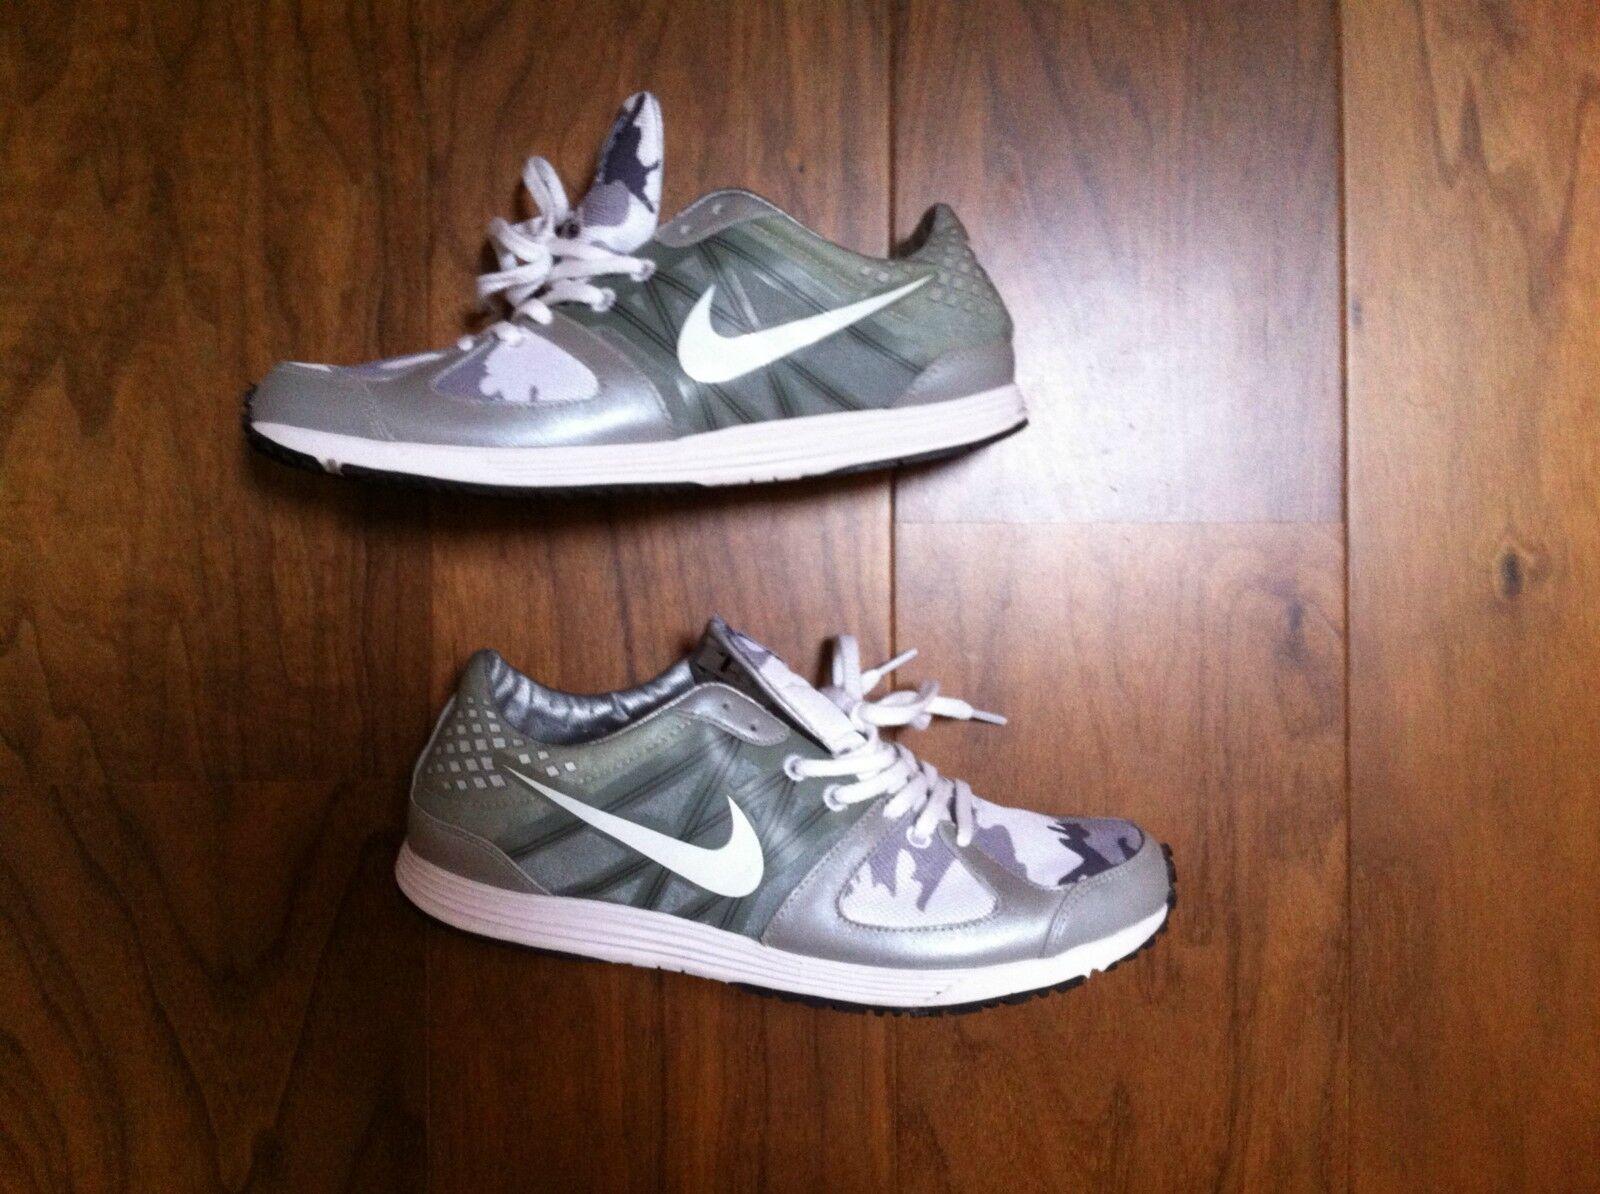 Billig gute Qualität Nike Lunarspider R TZ